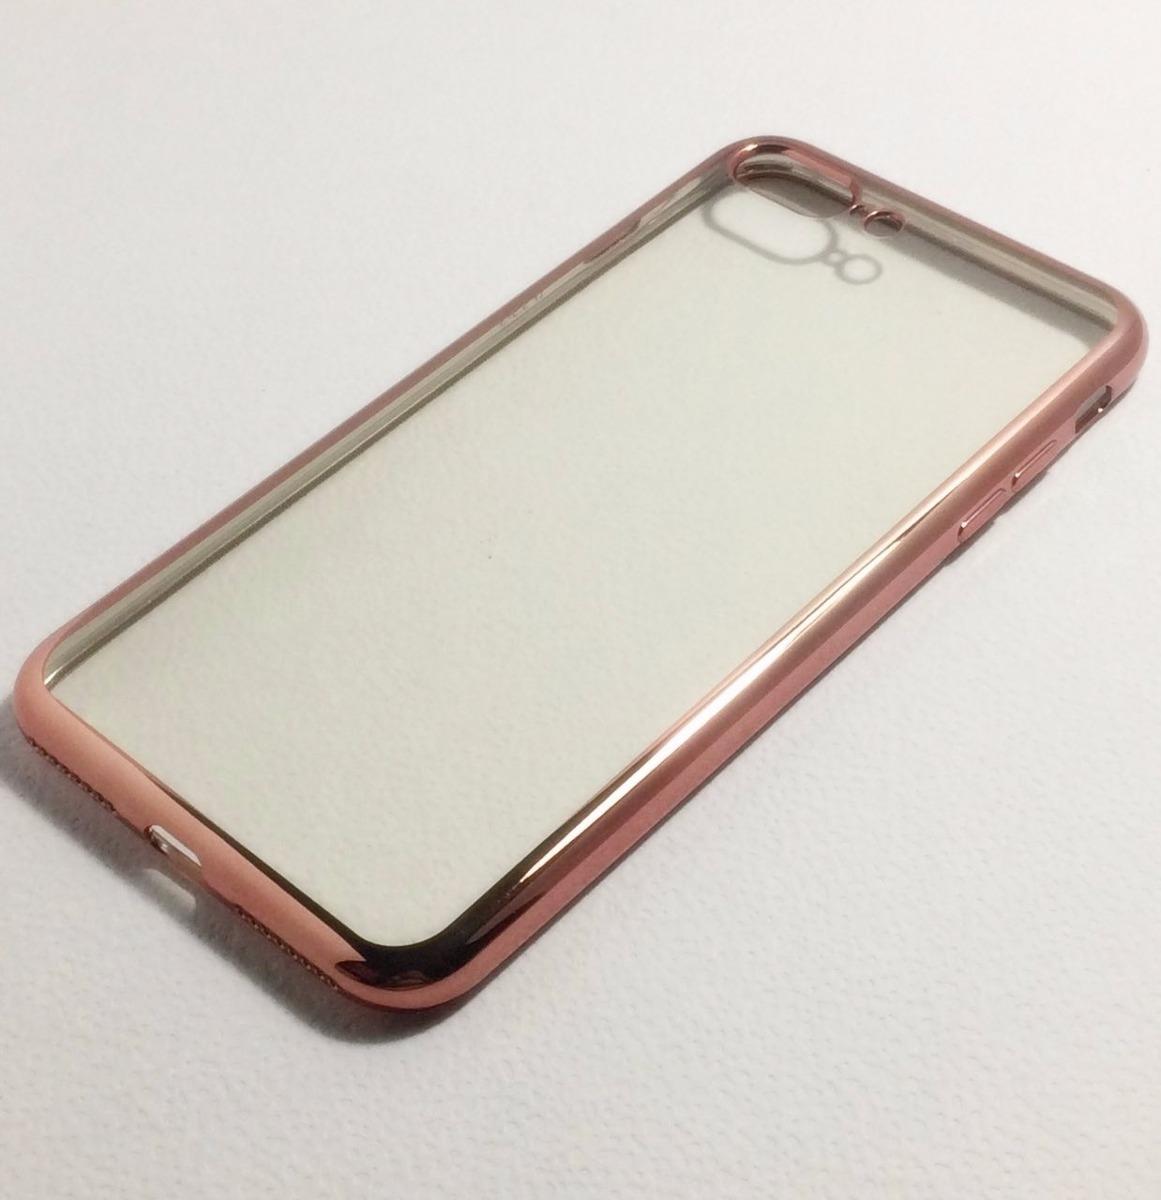 39518a44a09 funda para iphone 7 plus transparente borde metalizado pink. Cargando zoom.